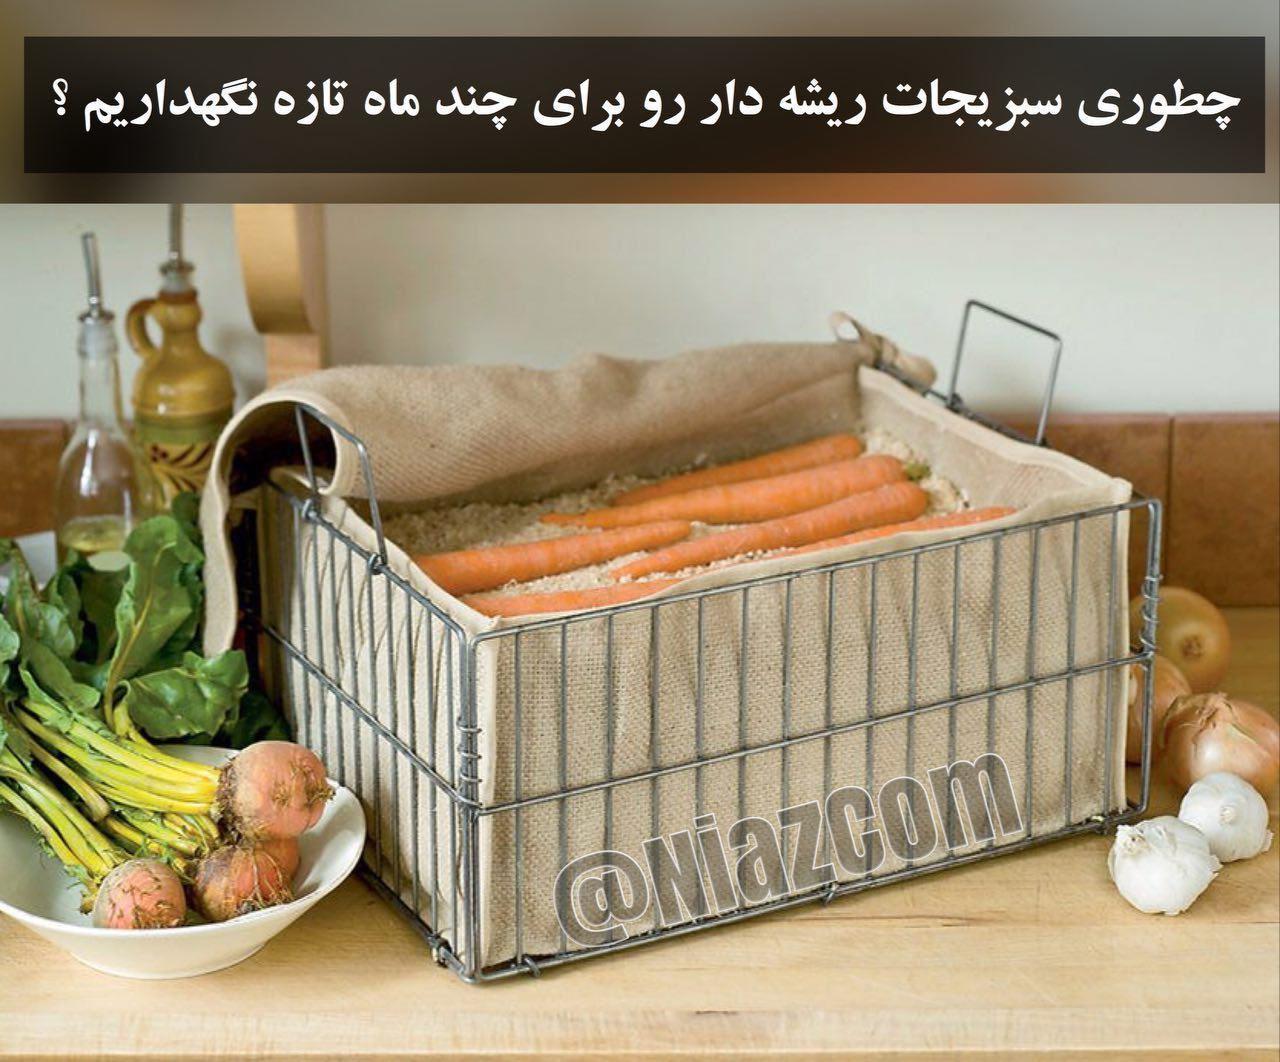 تازه نگهداشتن میوه و سبزیجات